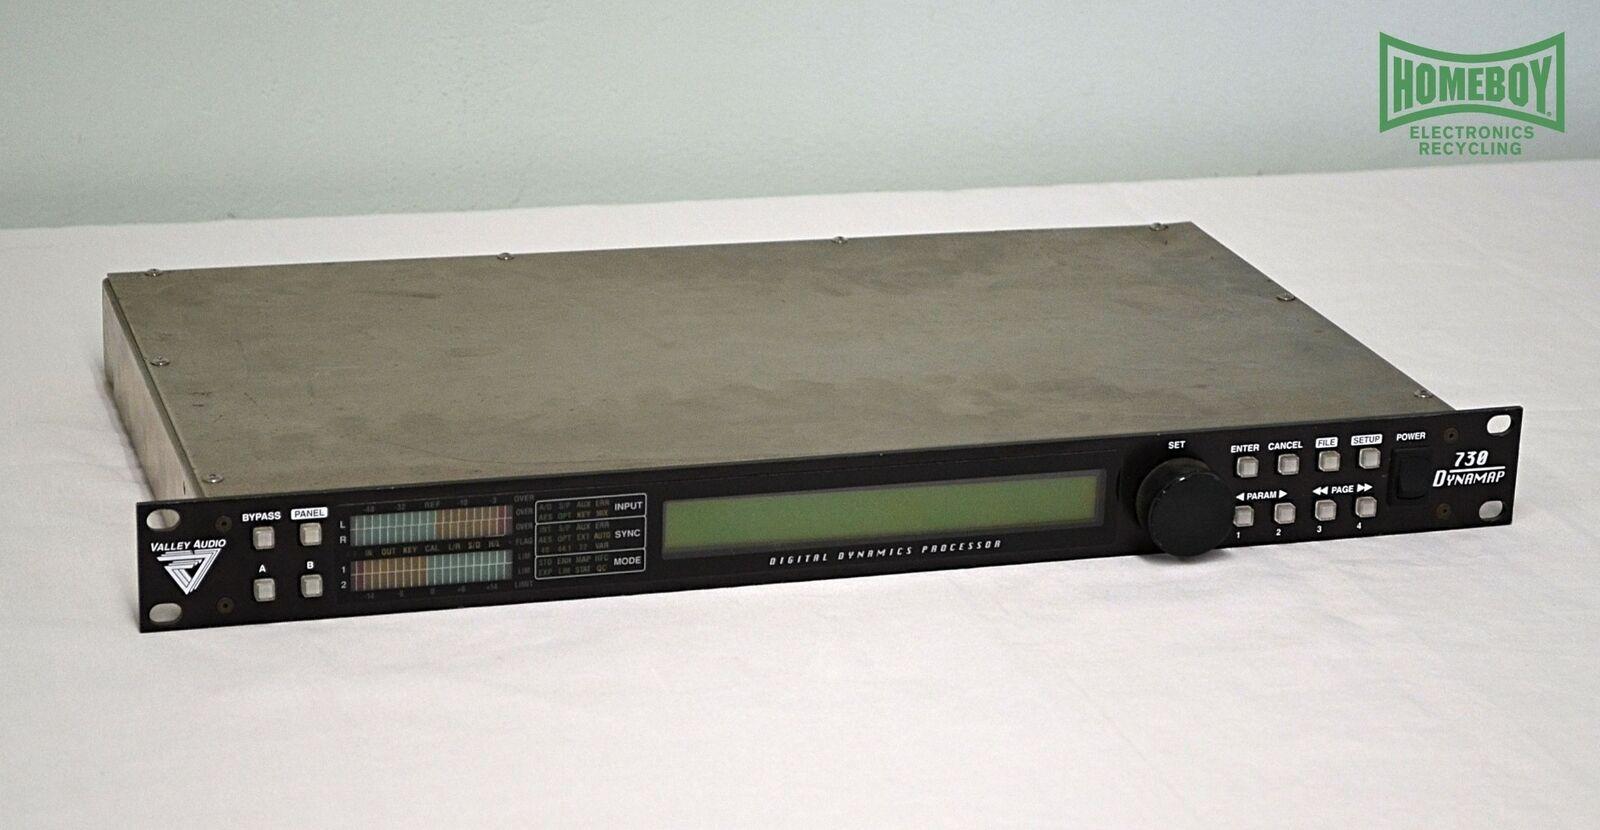 Valley Audio 730 Digital Dynamics Processor Compressor Limiter